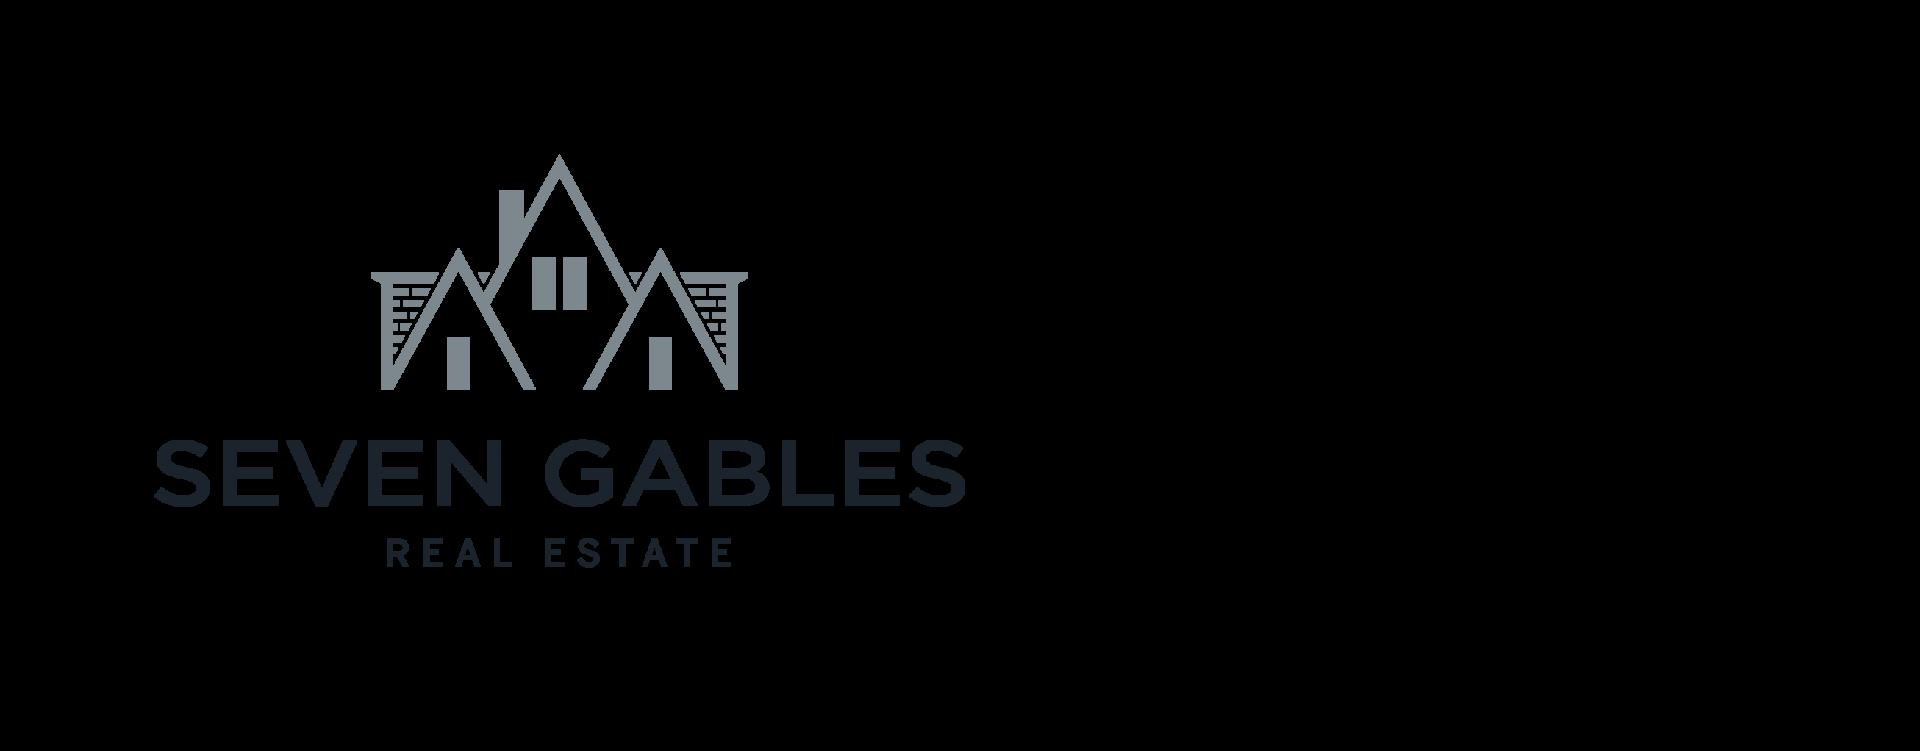 seven gables logo